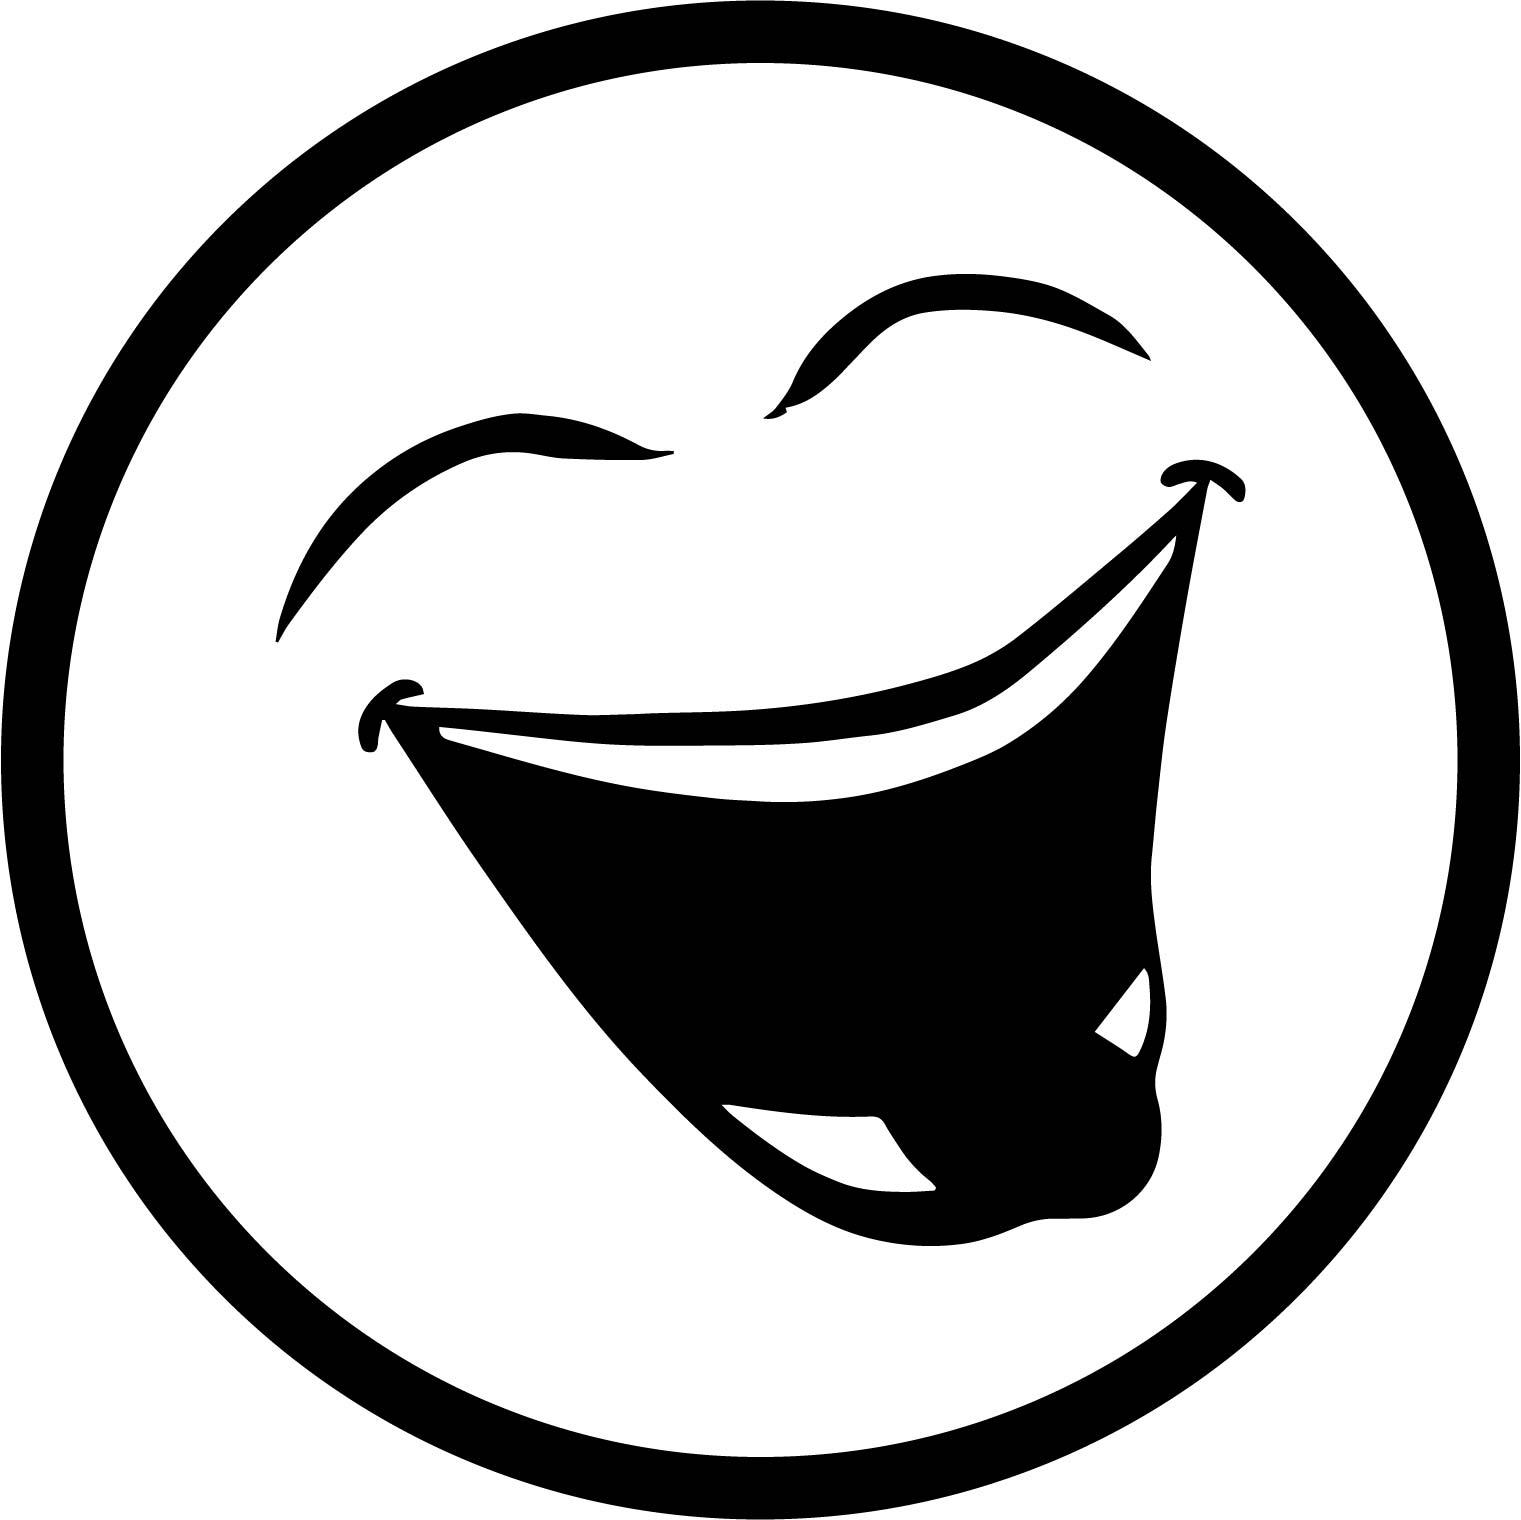 Emoticon Laugh Coloring Page